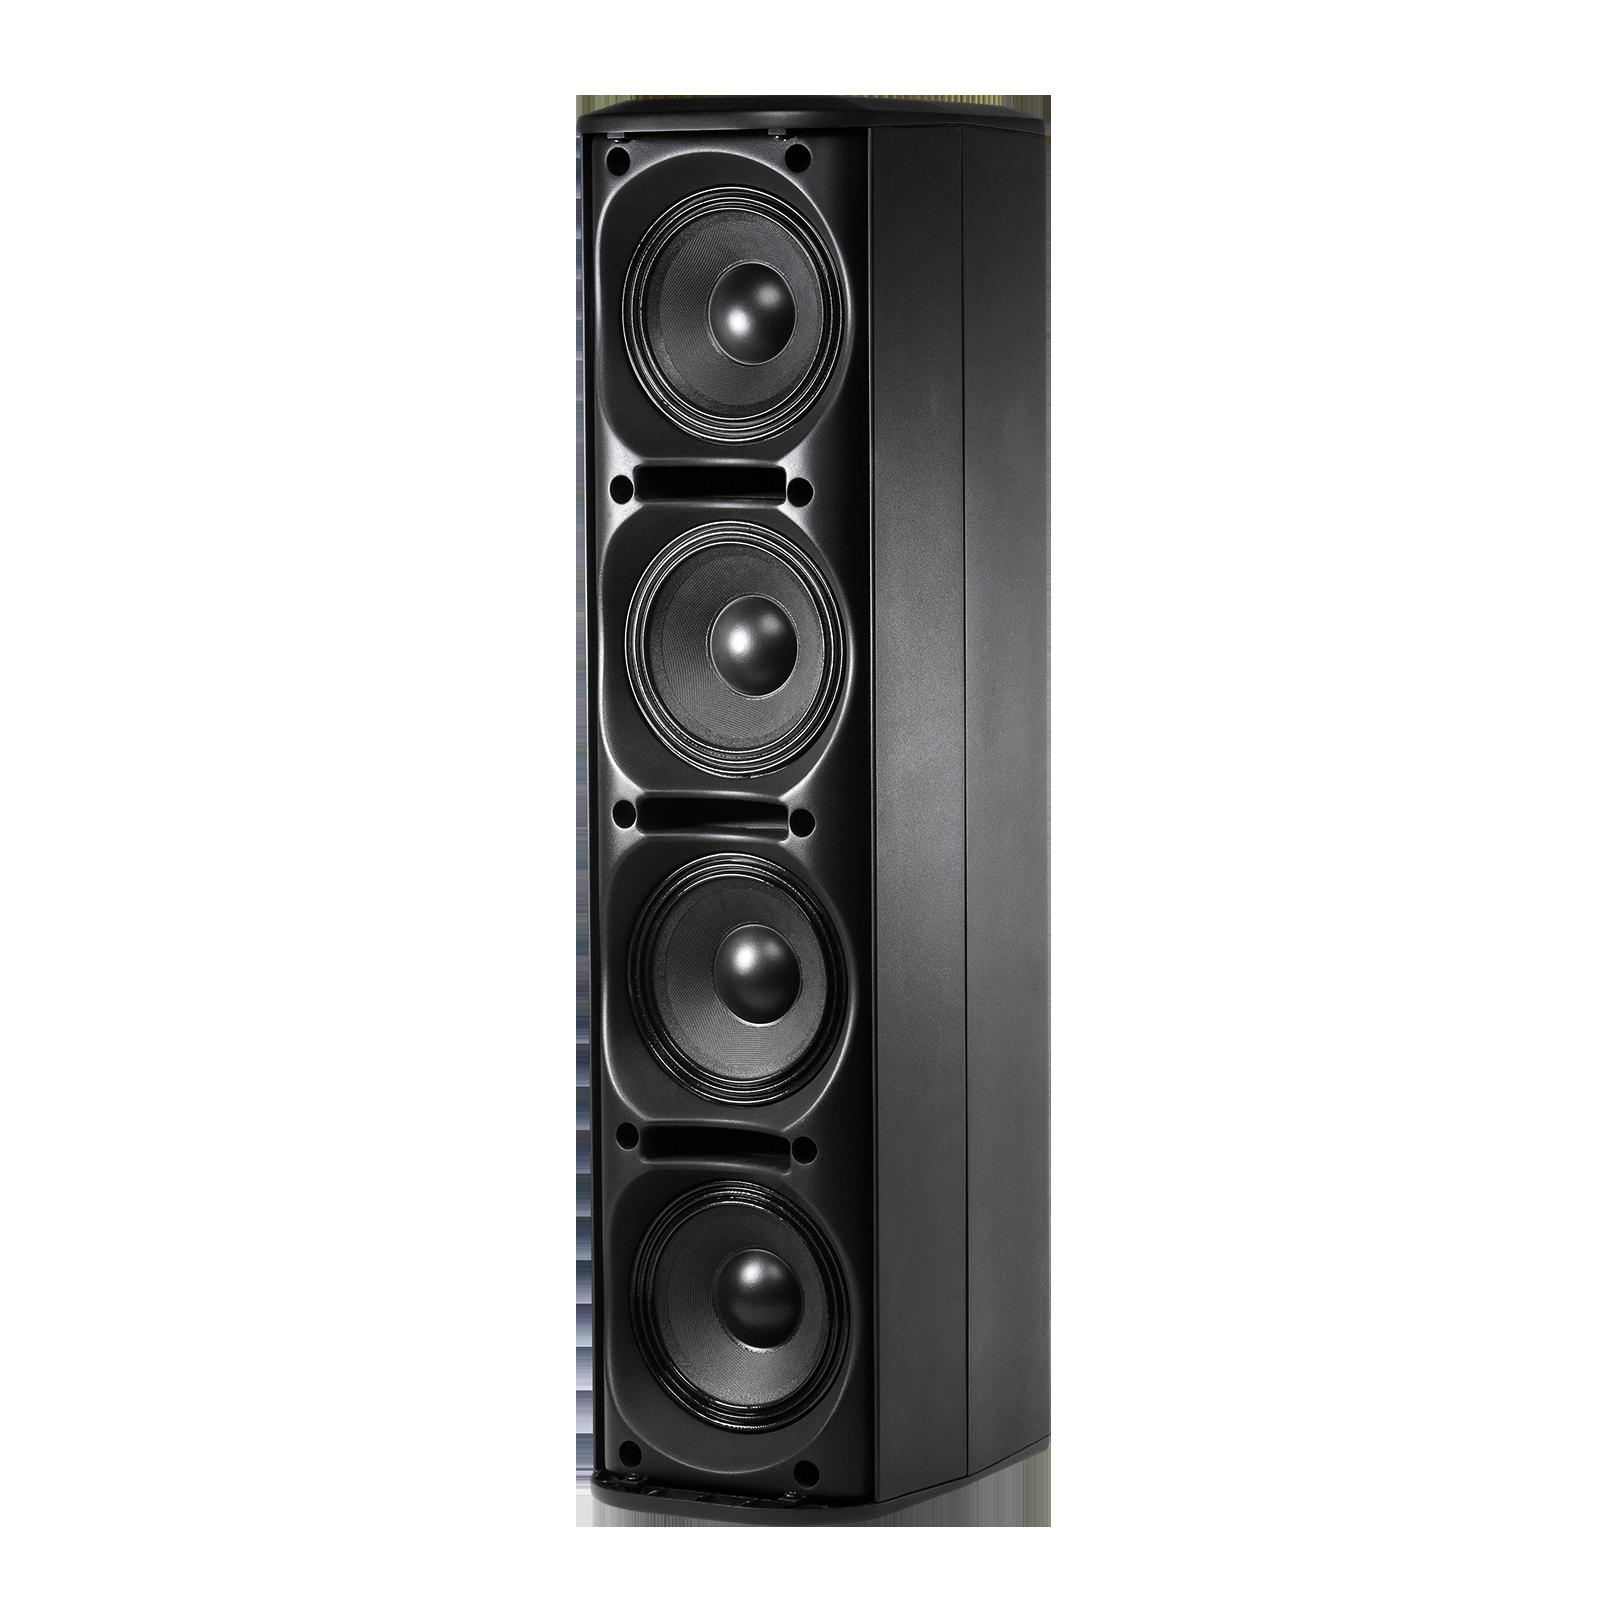 JBL CBT 70JE-1 - Black - Extension for CBT 70J-1 Line Array Column Speaker - Detailshot 1